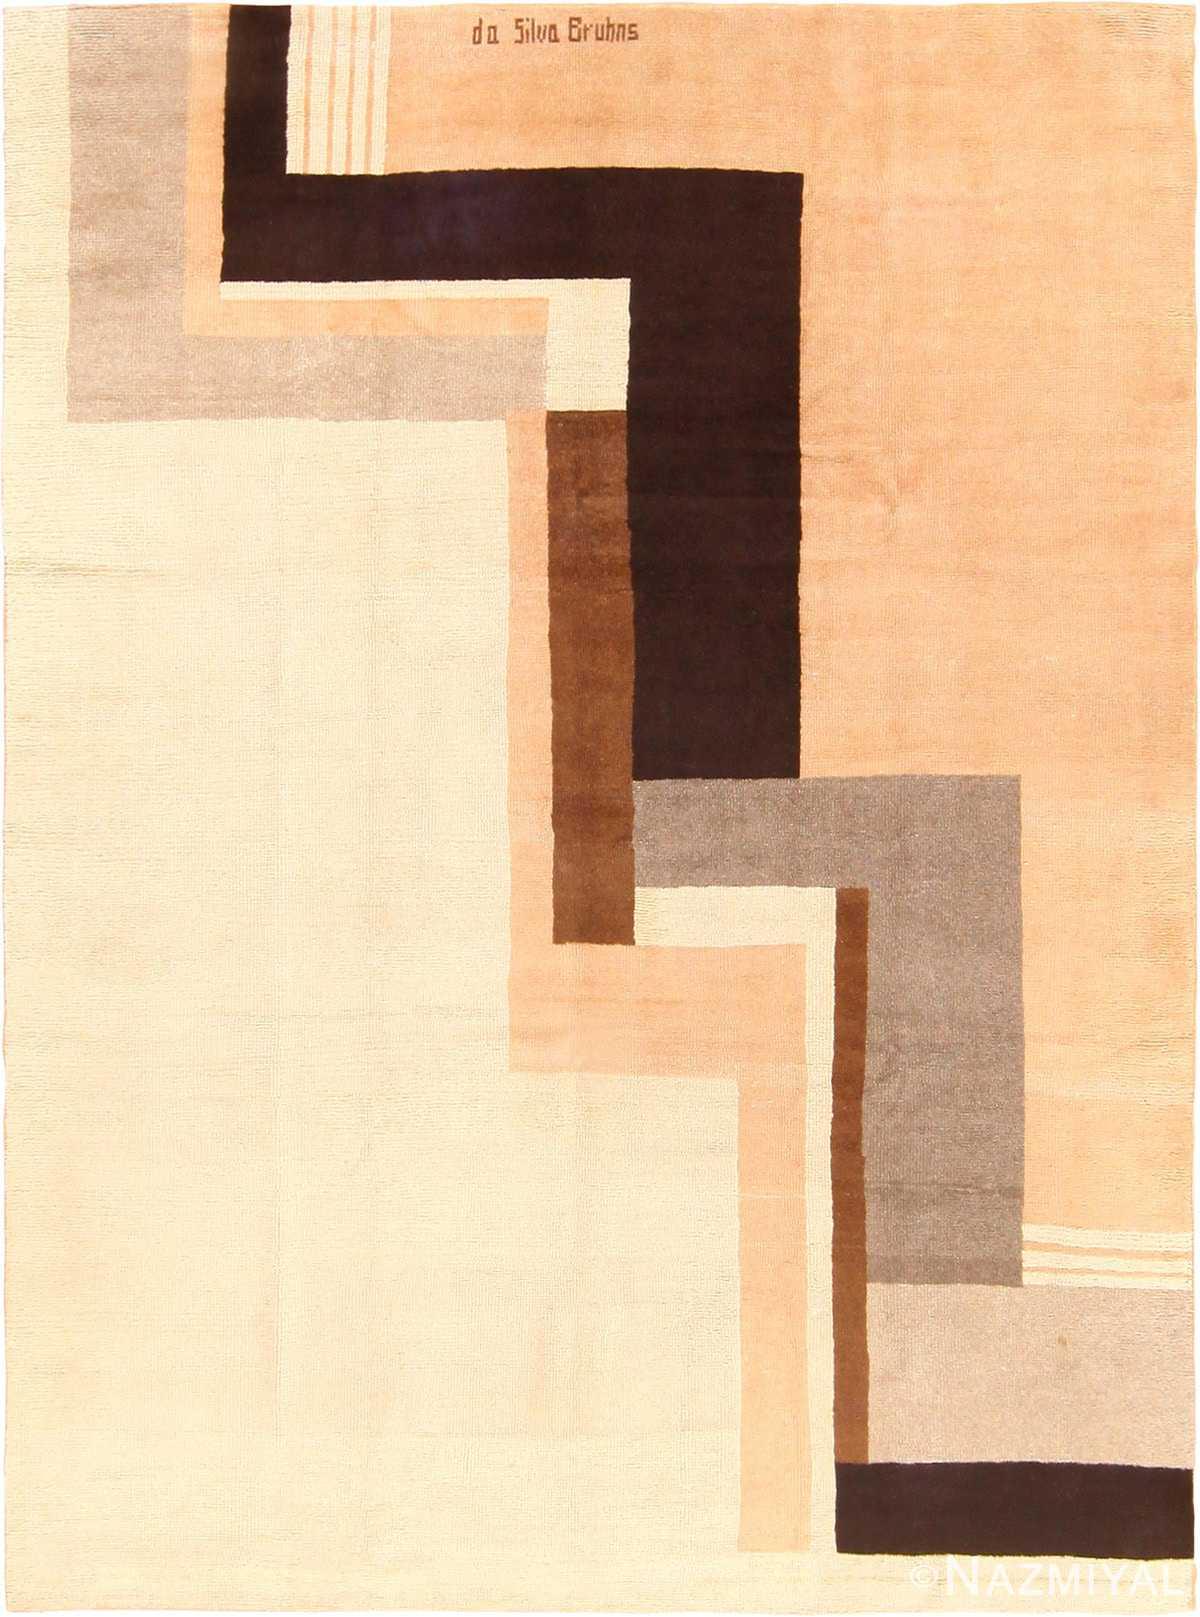 French Art Deco Rug Ivan de Silva Bruhns 49081